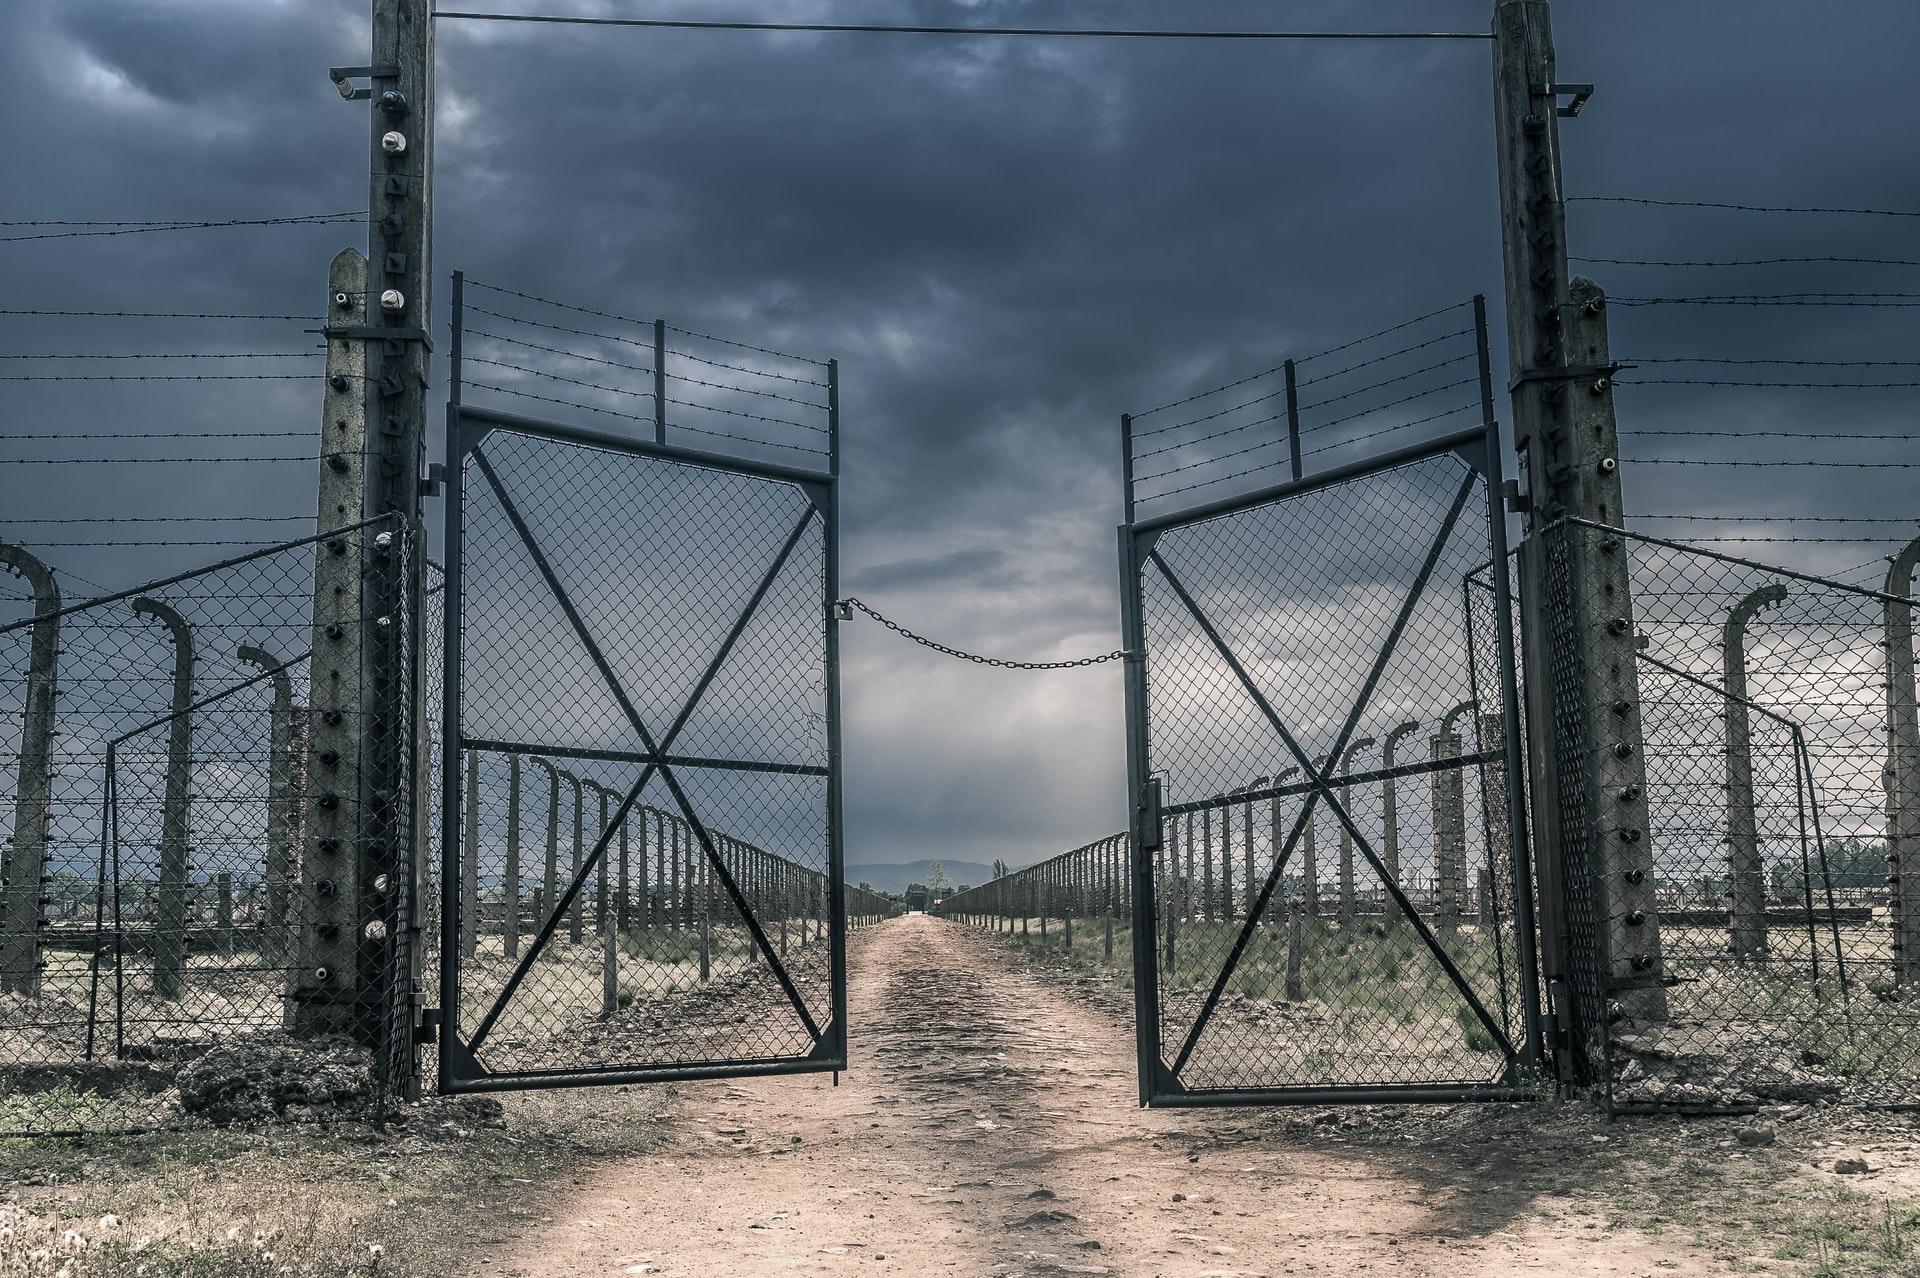 Ez a férfi önként vállalta a koncentrációs tábort, mégsem tudják sokan, hogy hős